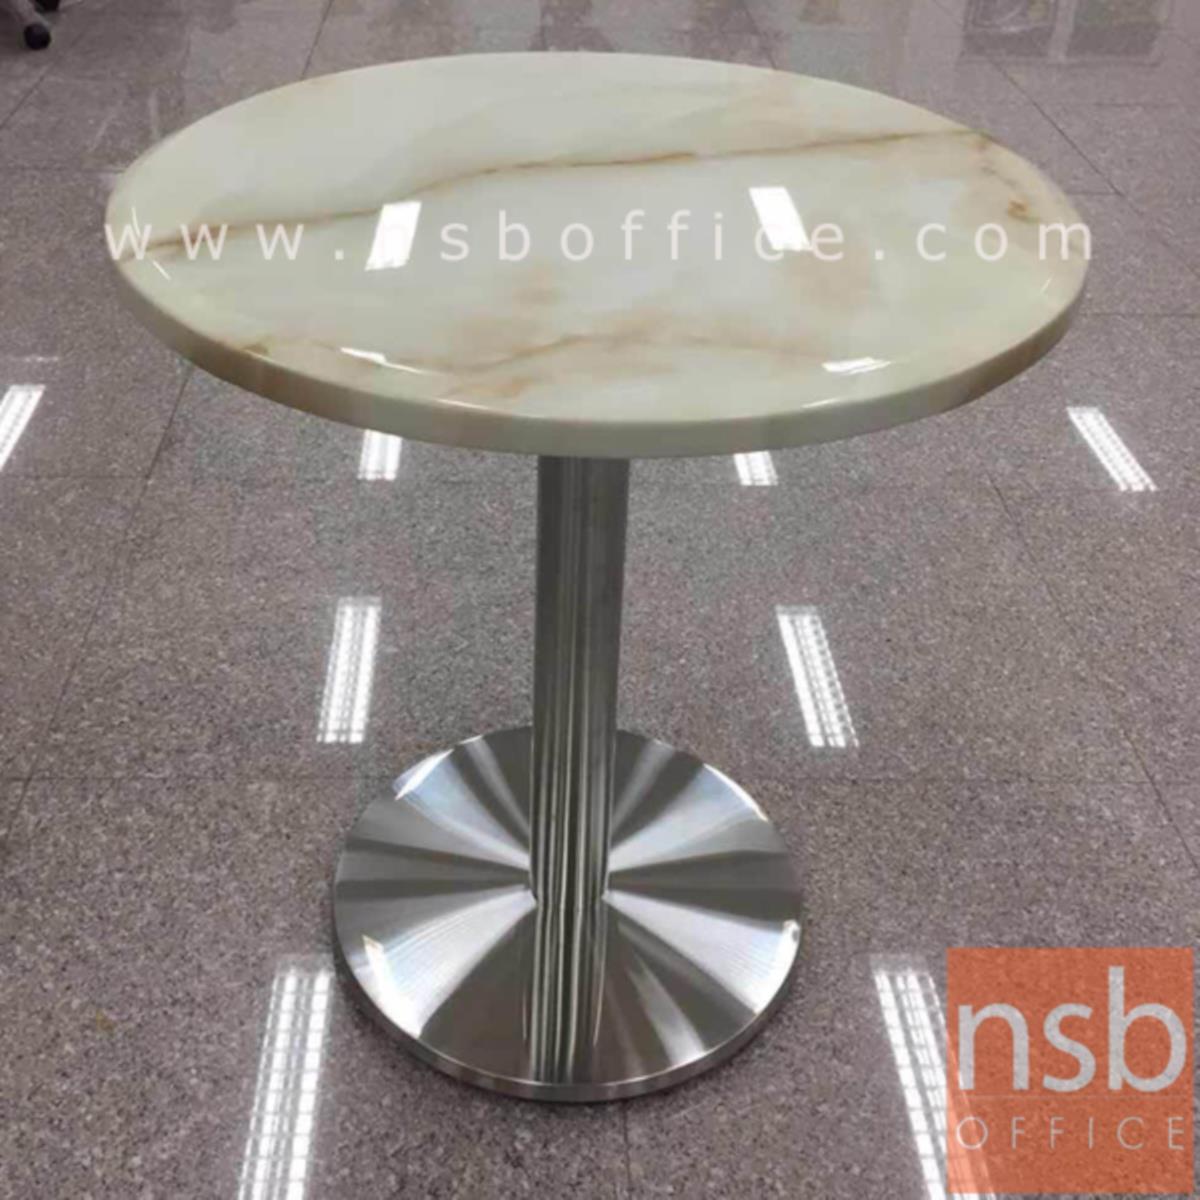 A14A203:โต๊ะหน้าหินอ่อน รุ่น Jack Gilford (กิลฟอร์ด) ขนาด 70W cm.  โครงขาสแตนเลส